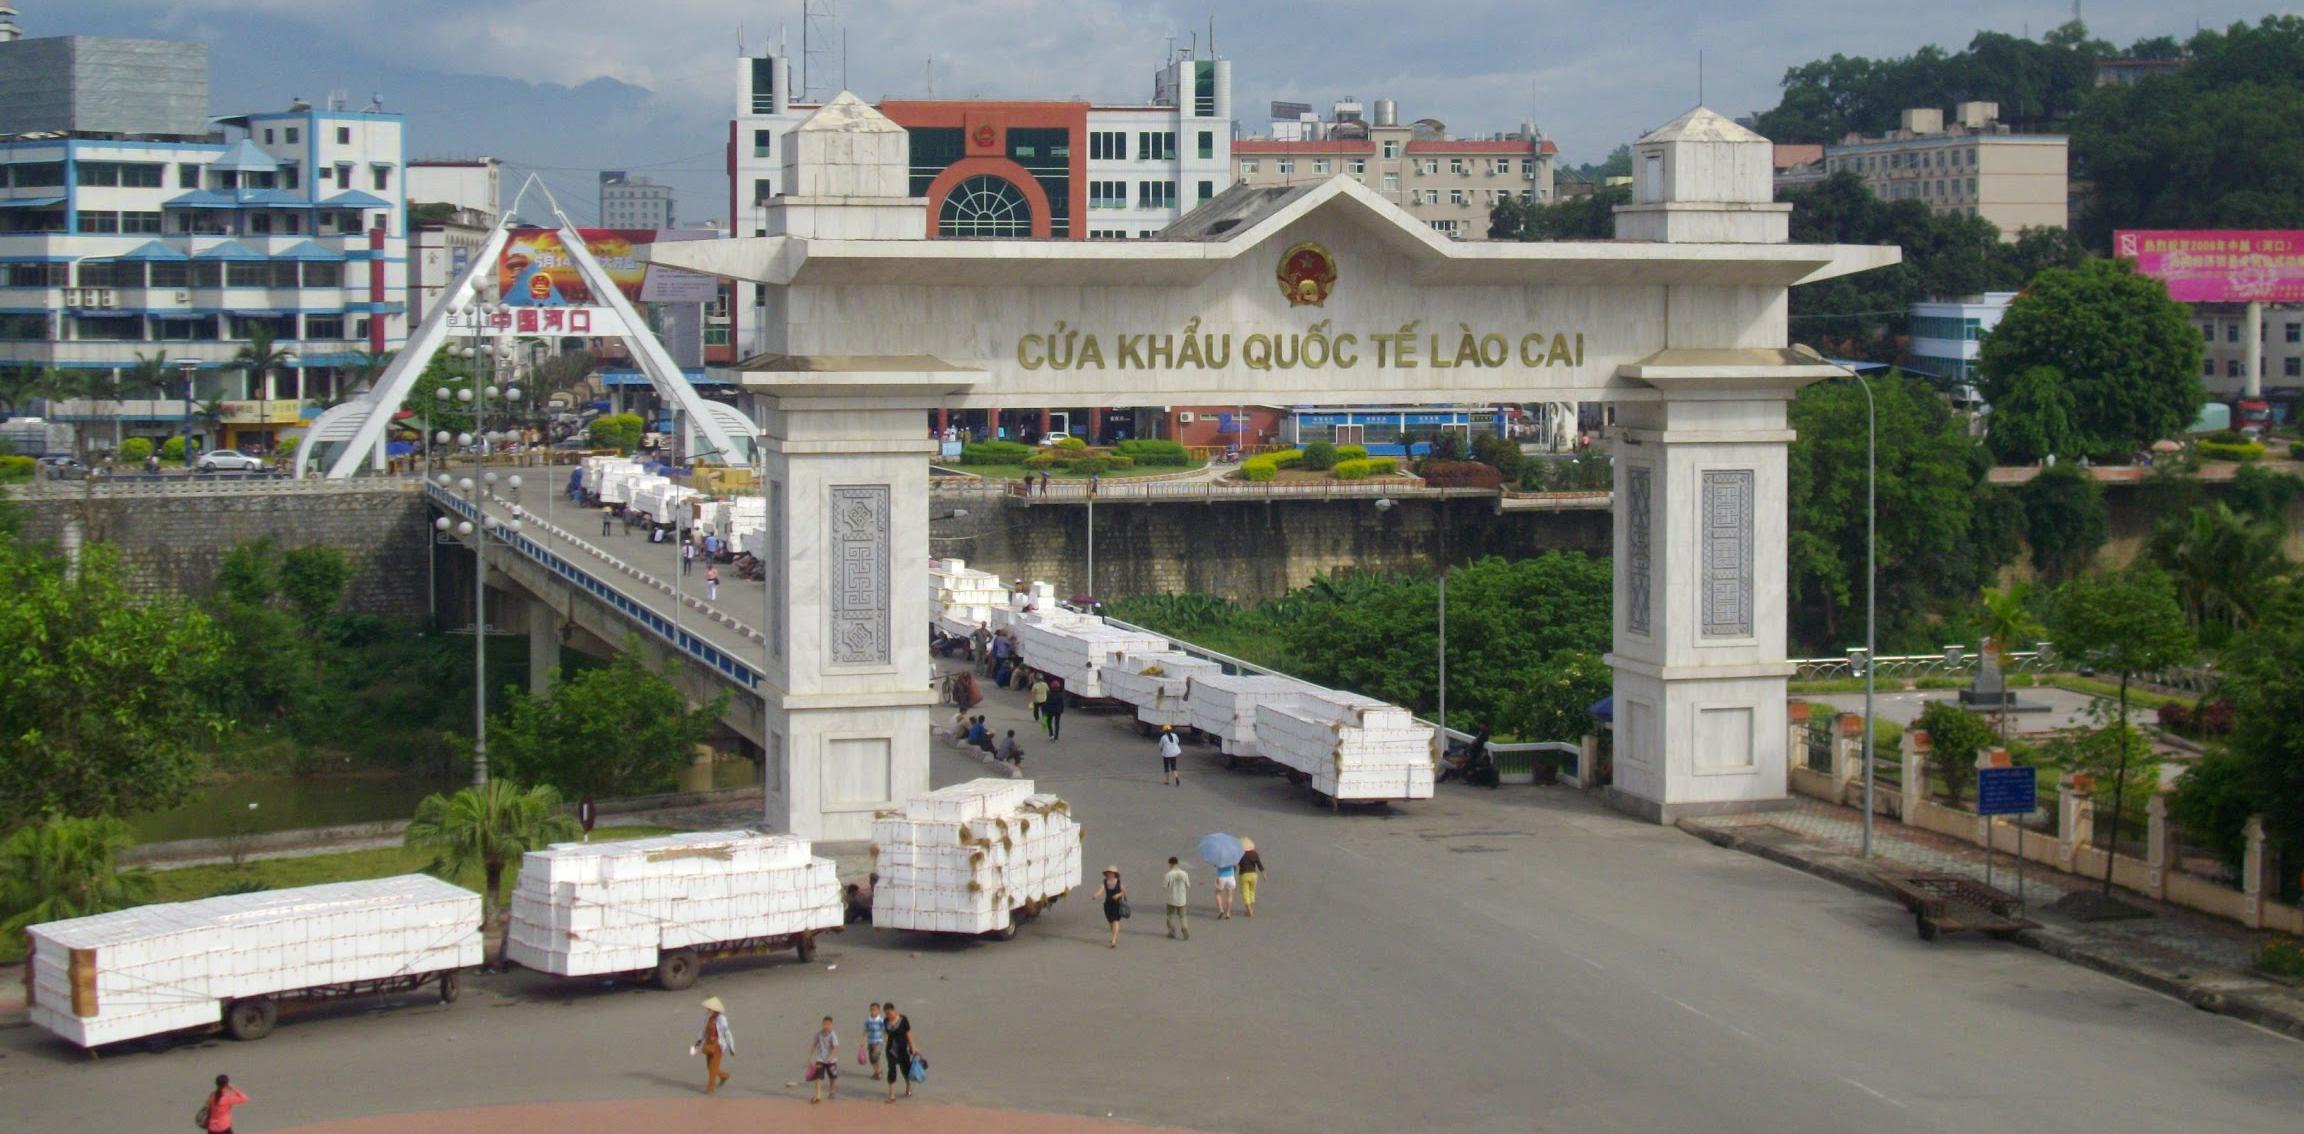 Dịch vụ chuyển hàng tiểu ngạch từ Thanh Hải, Trung Quốc tới Việt Nam